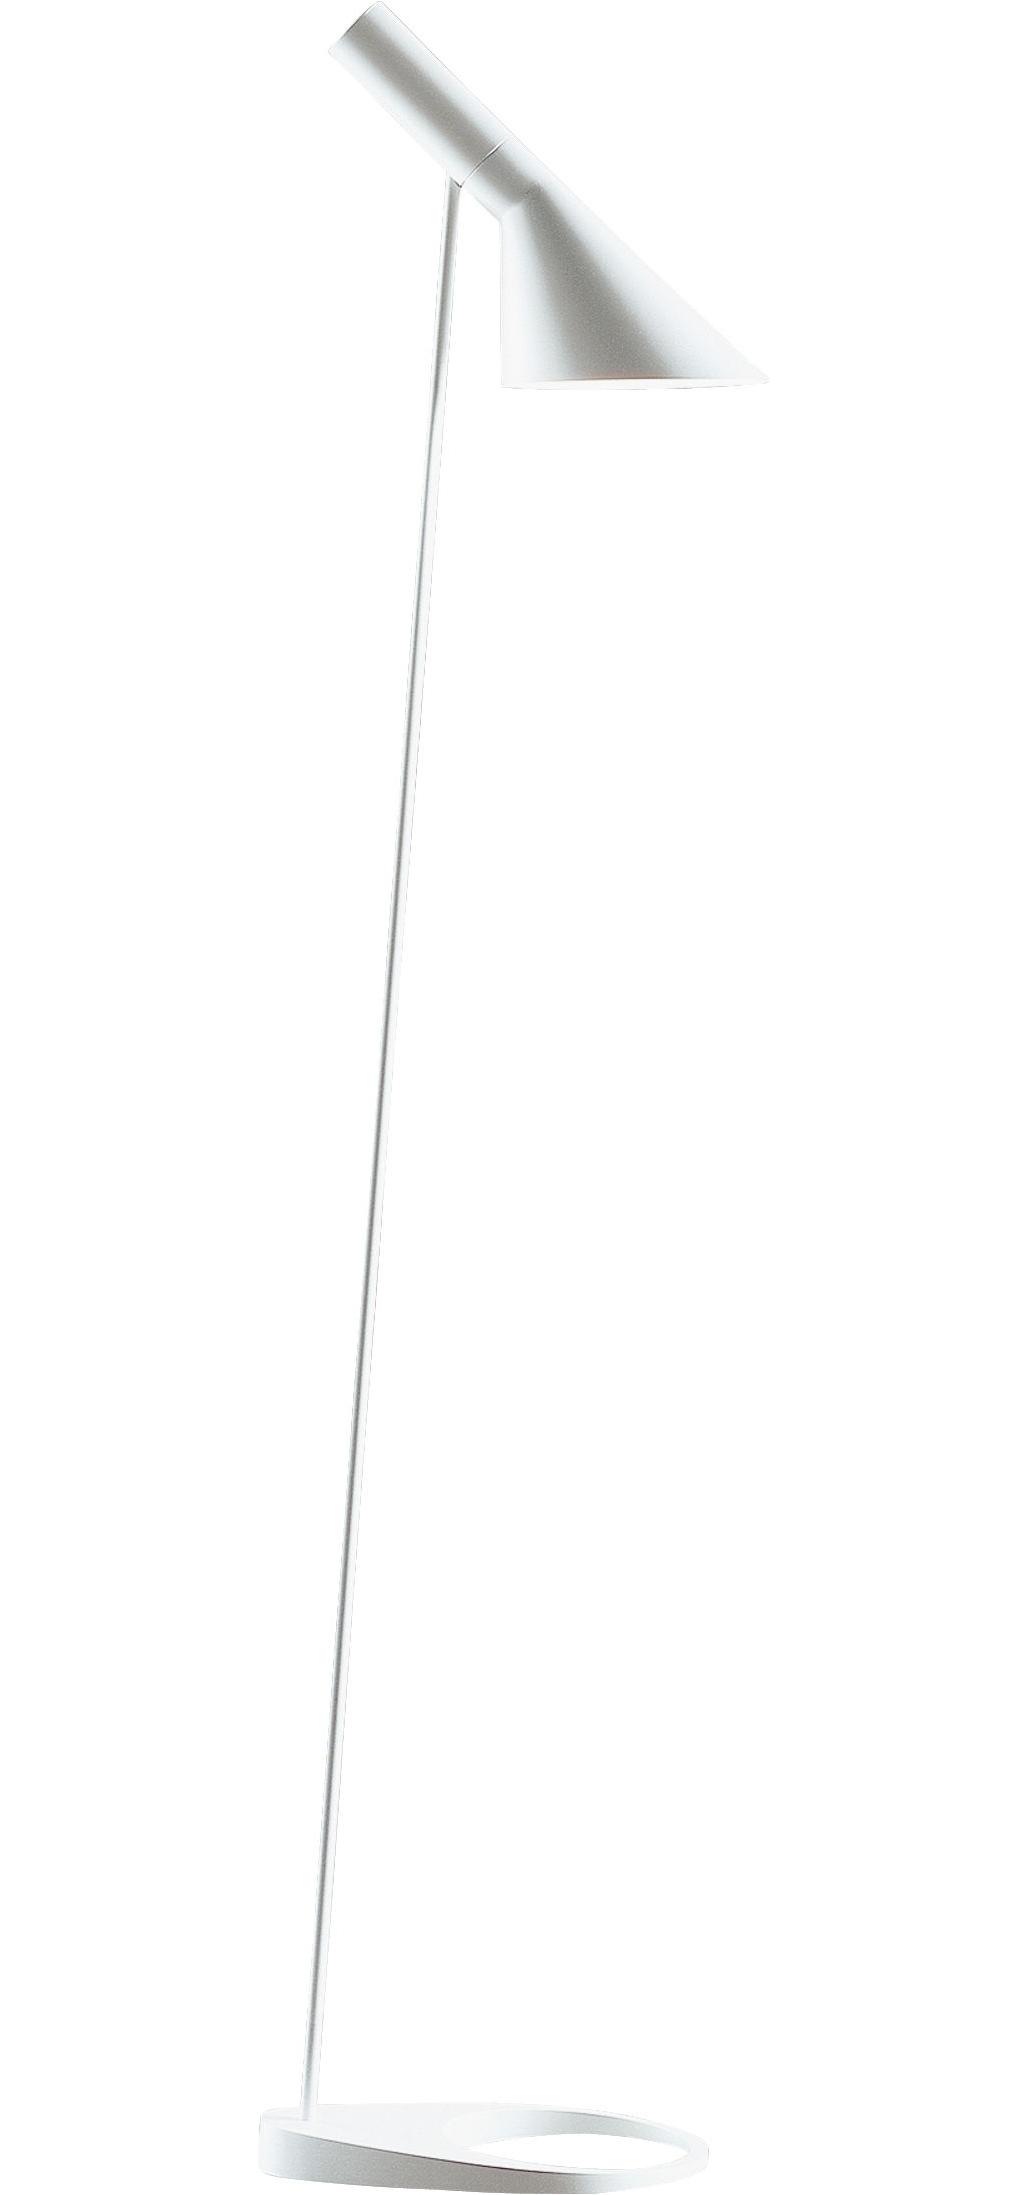 Luminaire - Lampadaires - Lampadaire AJ / H 130 cm - Louis Poulsen - Blanc - Acier, Fonte de zinc